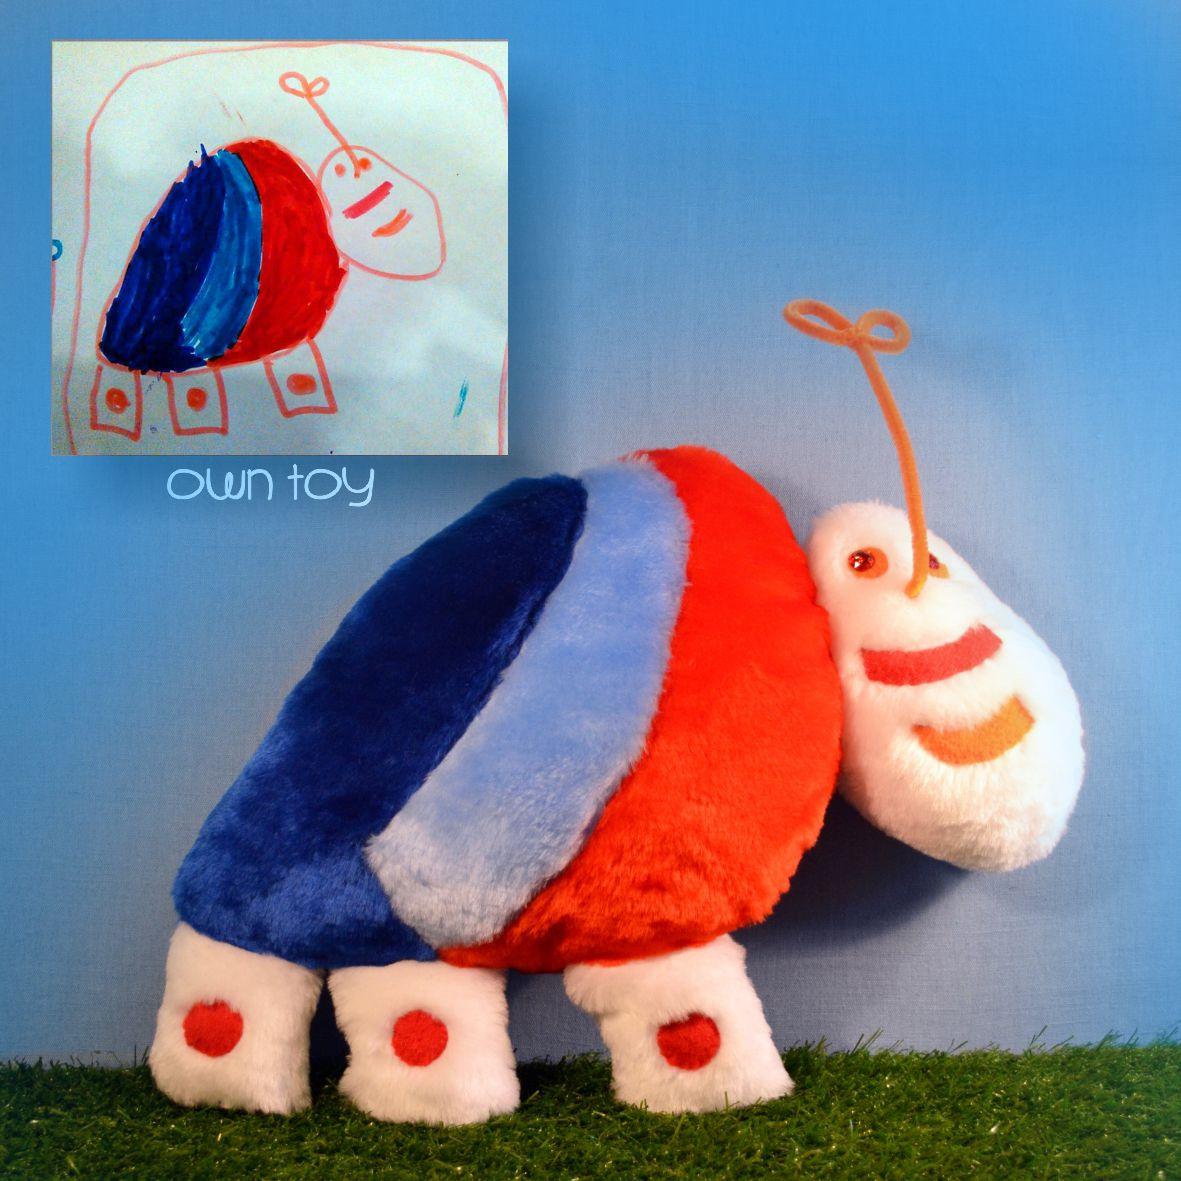 owntoy детскийрисунок подаркилюбимым декордетской игрушкиназаказ подаркидетям радостьдетям ручнаяработа подарок